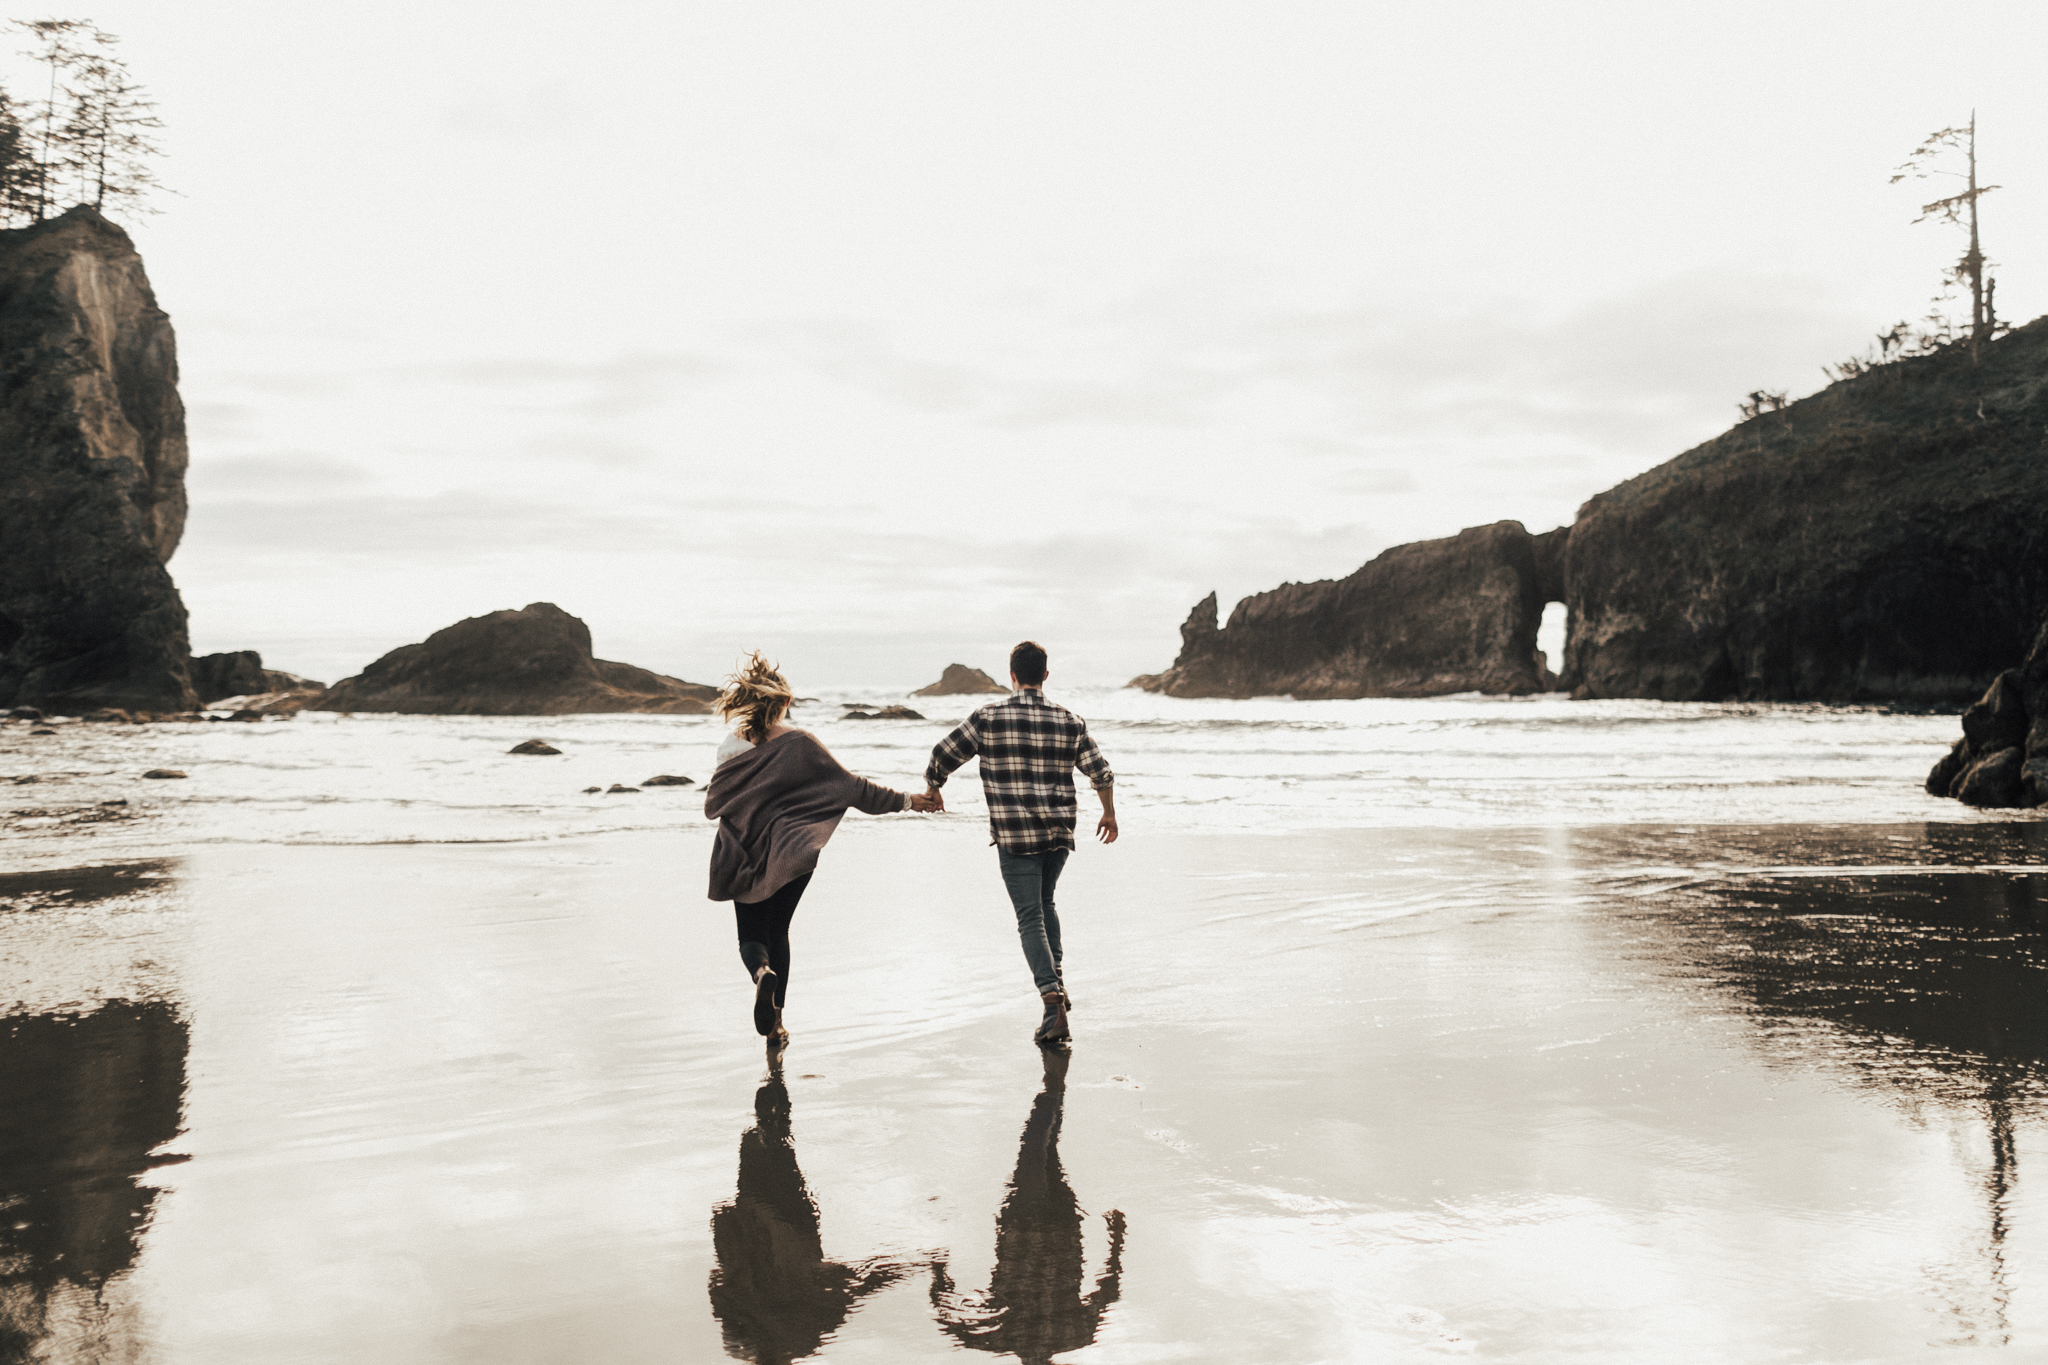 La_Push_Washington_Coast_Engagement-21.jpg